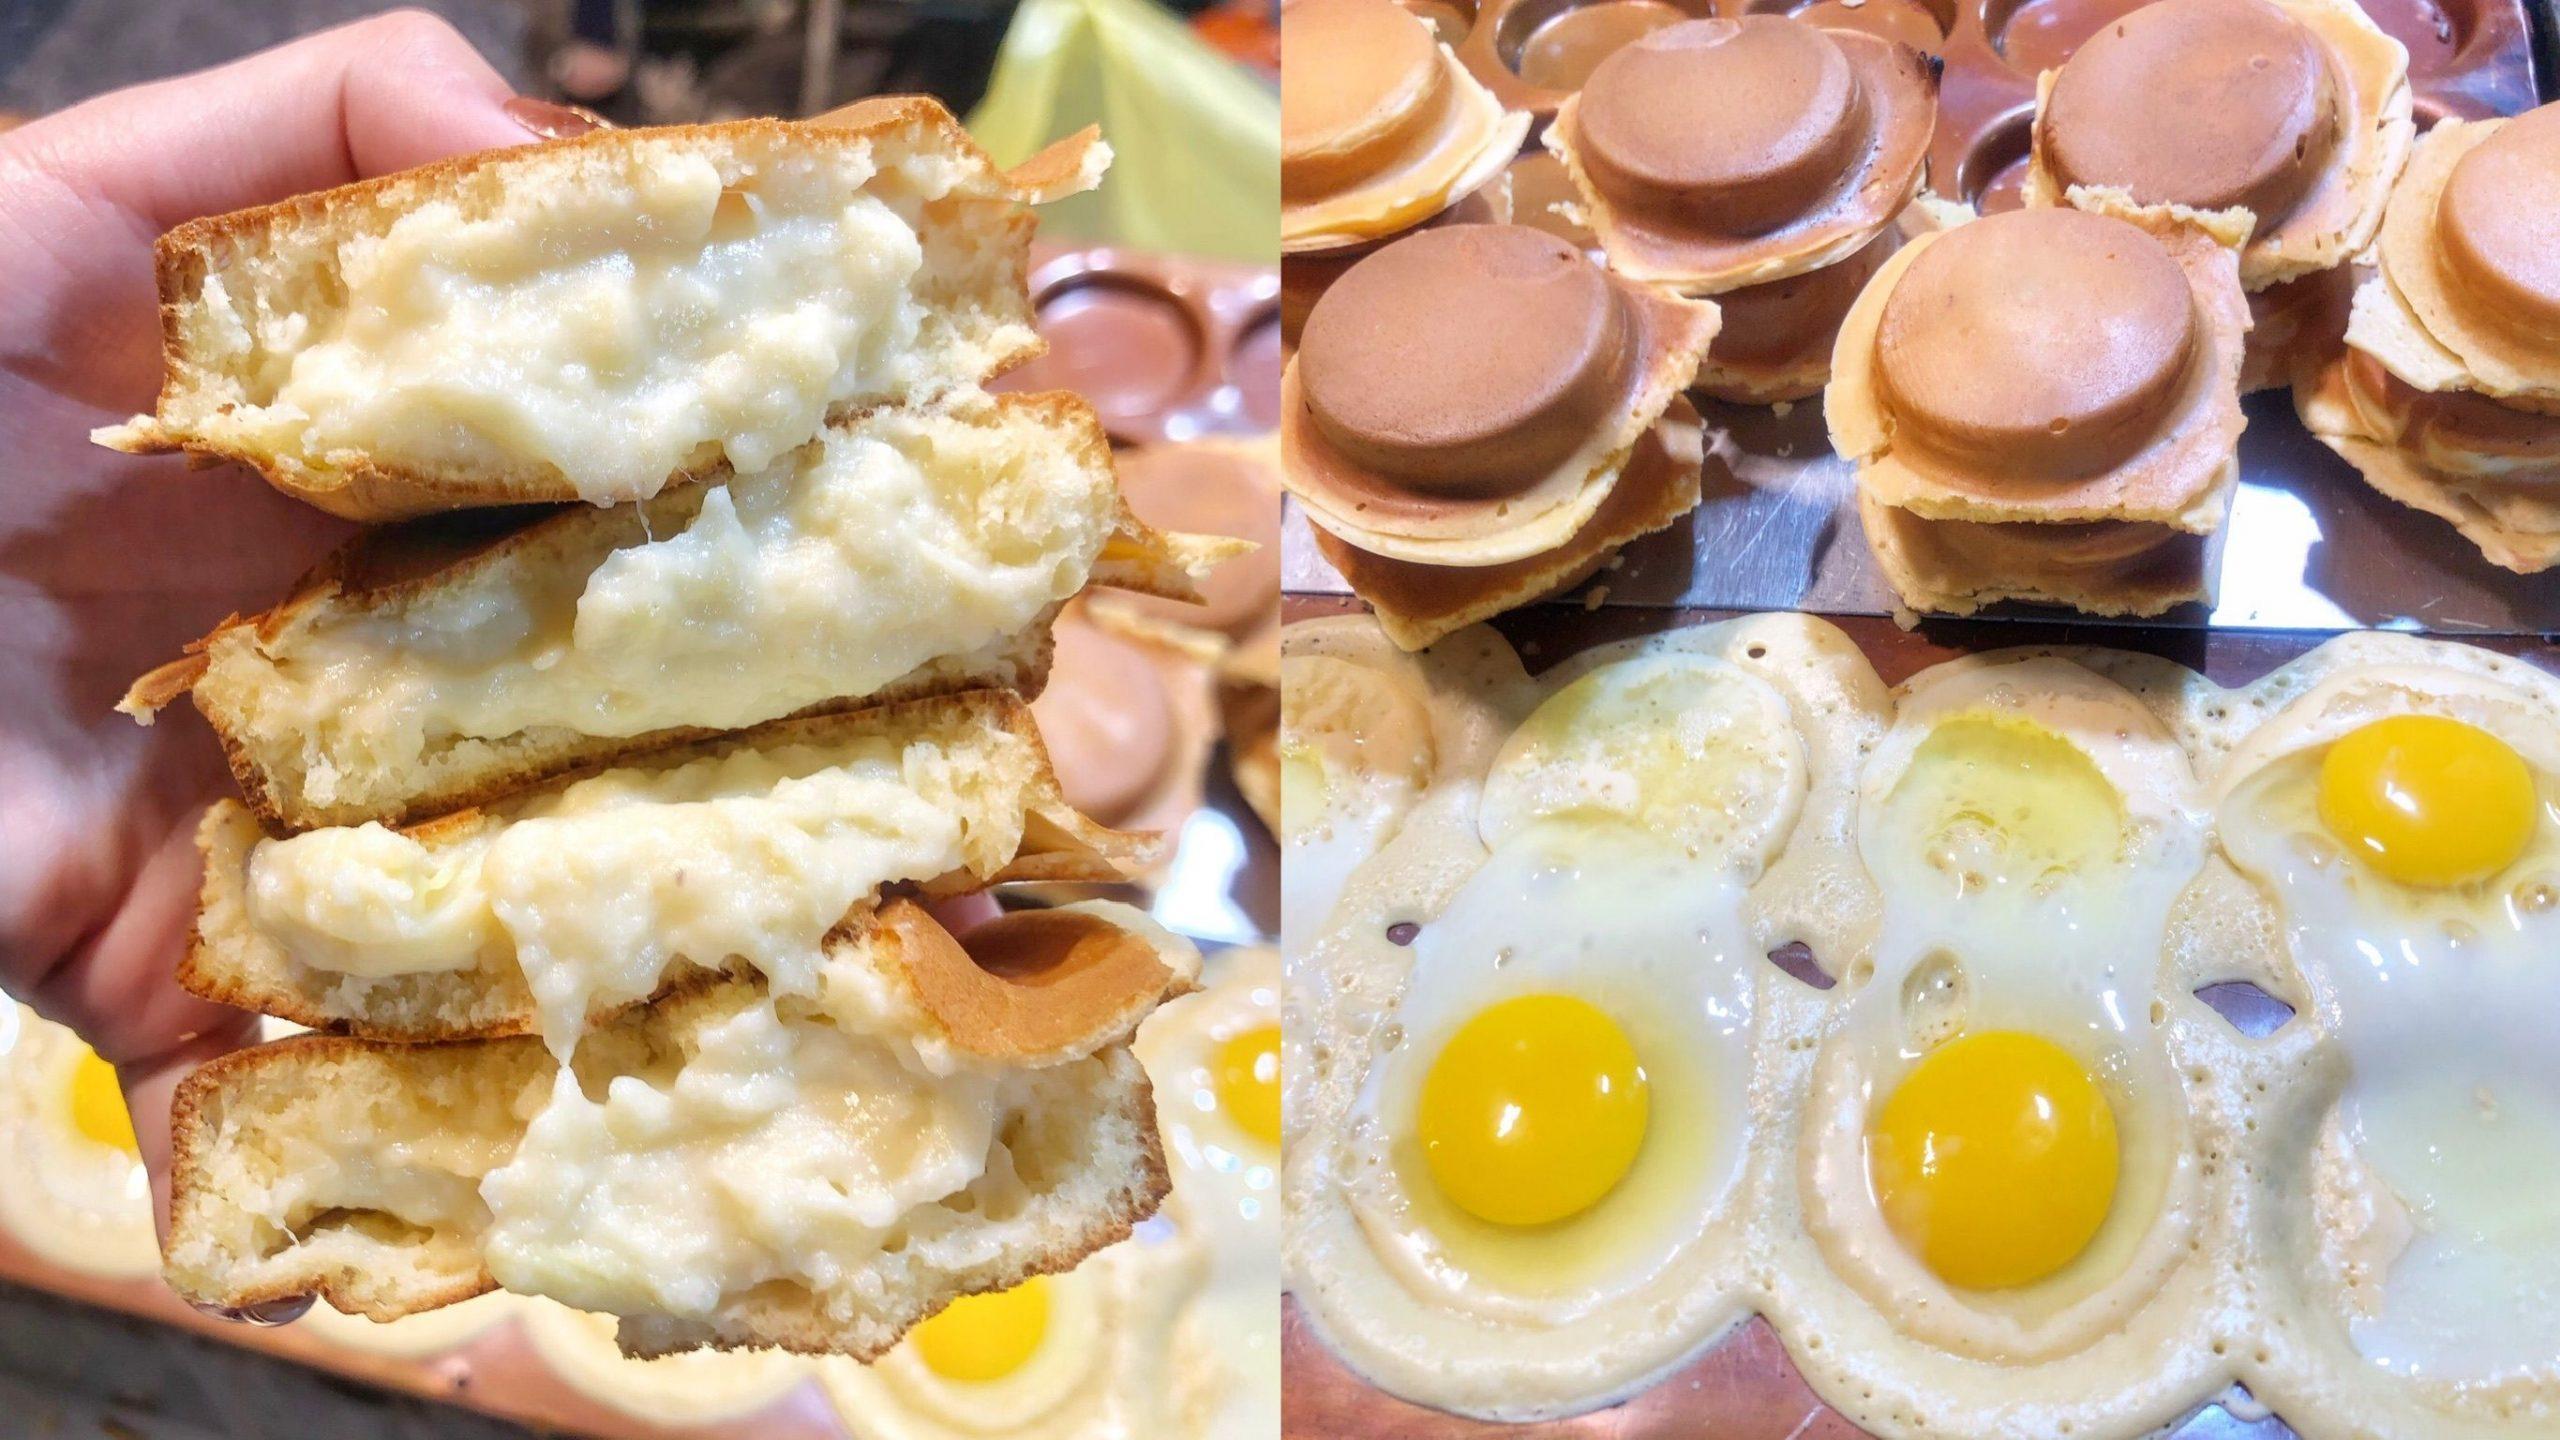 【台南夜市】呼叫榴槤控「榴槤爆漿卡士達紅豆餅」只有這裡才有賣!又香又臭好邪惡 – Q弟紅豆餅